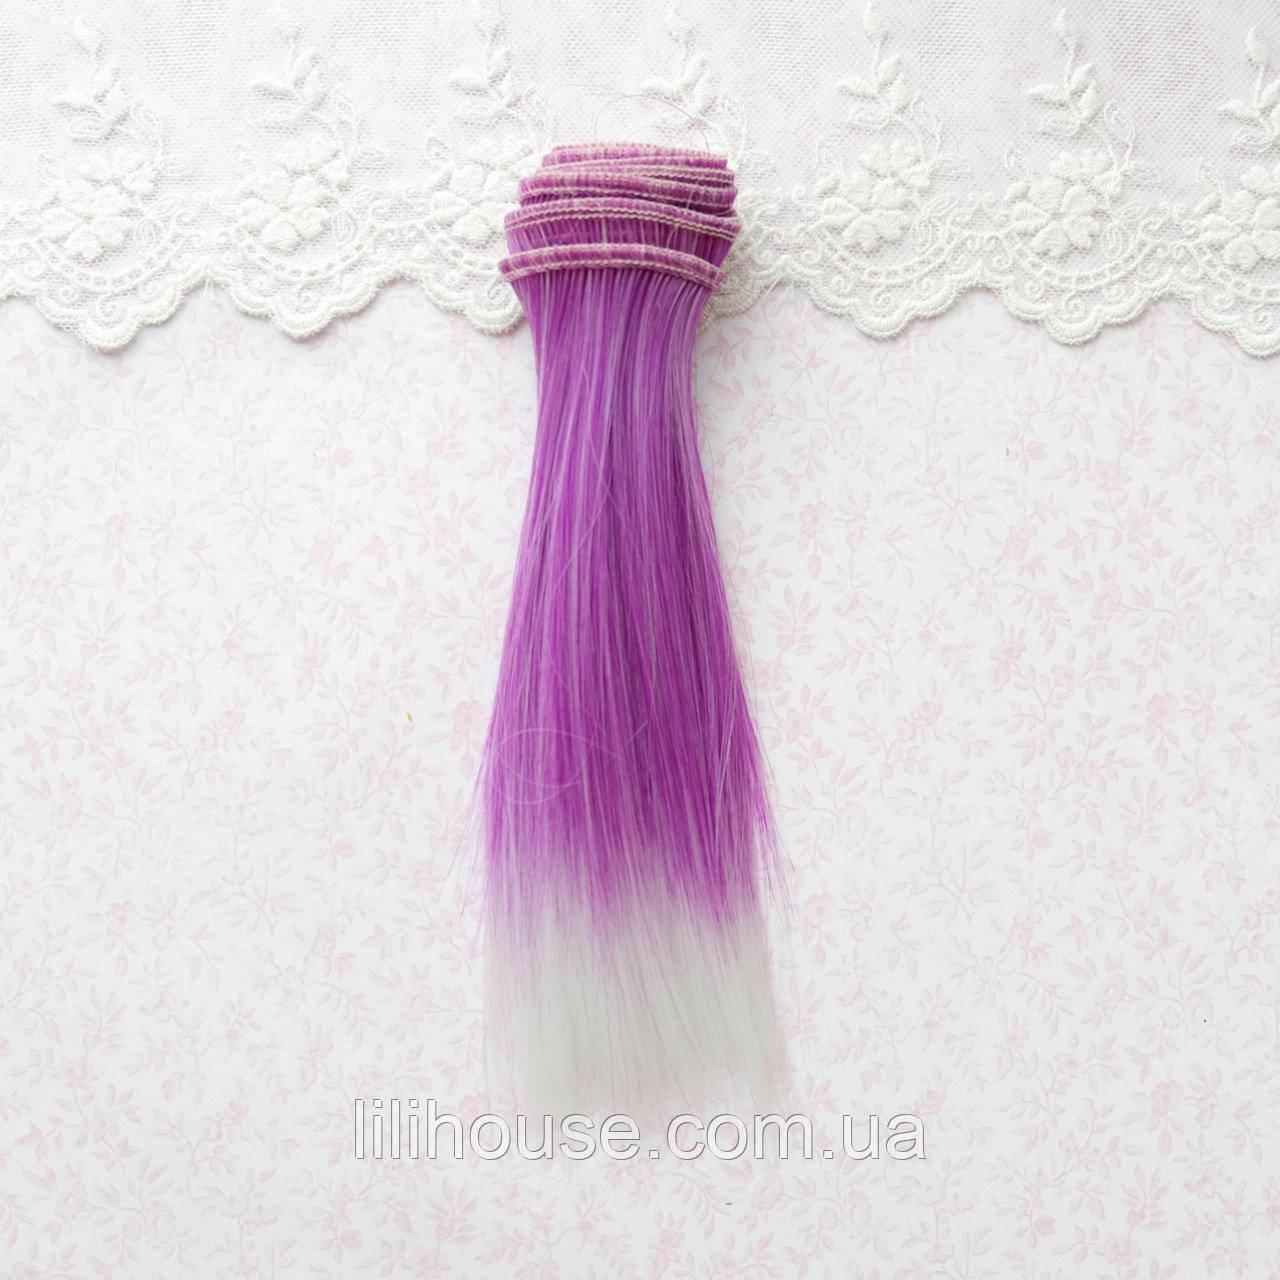 Волосы для Кукол Трессы Прямые Омбре ФИОЛЕТ с БЕЛЫМ 25 см